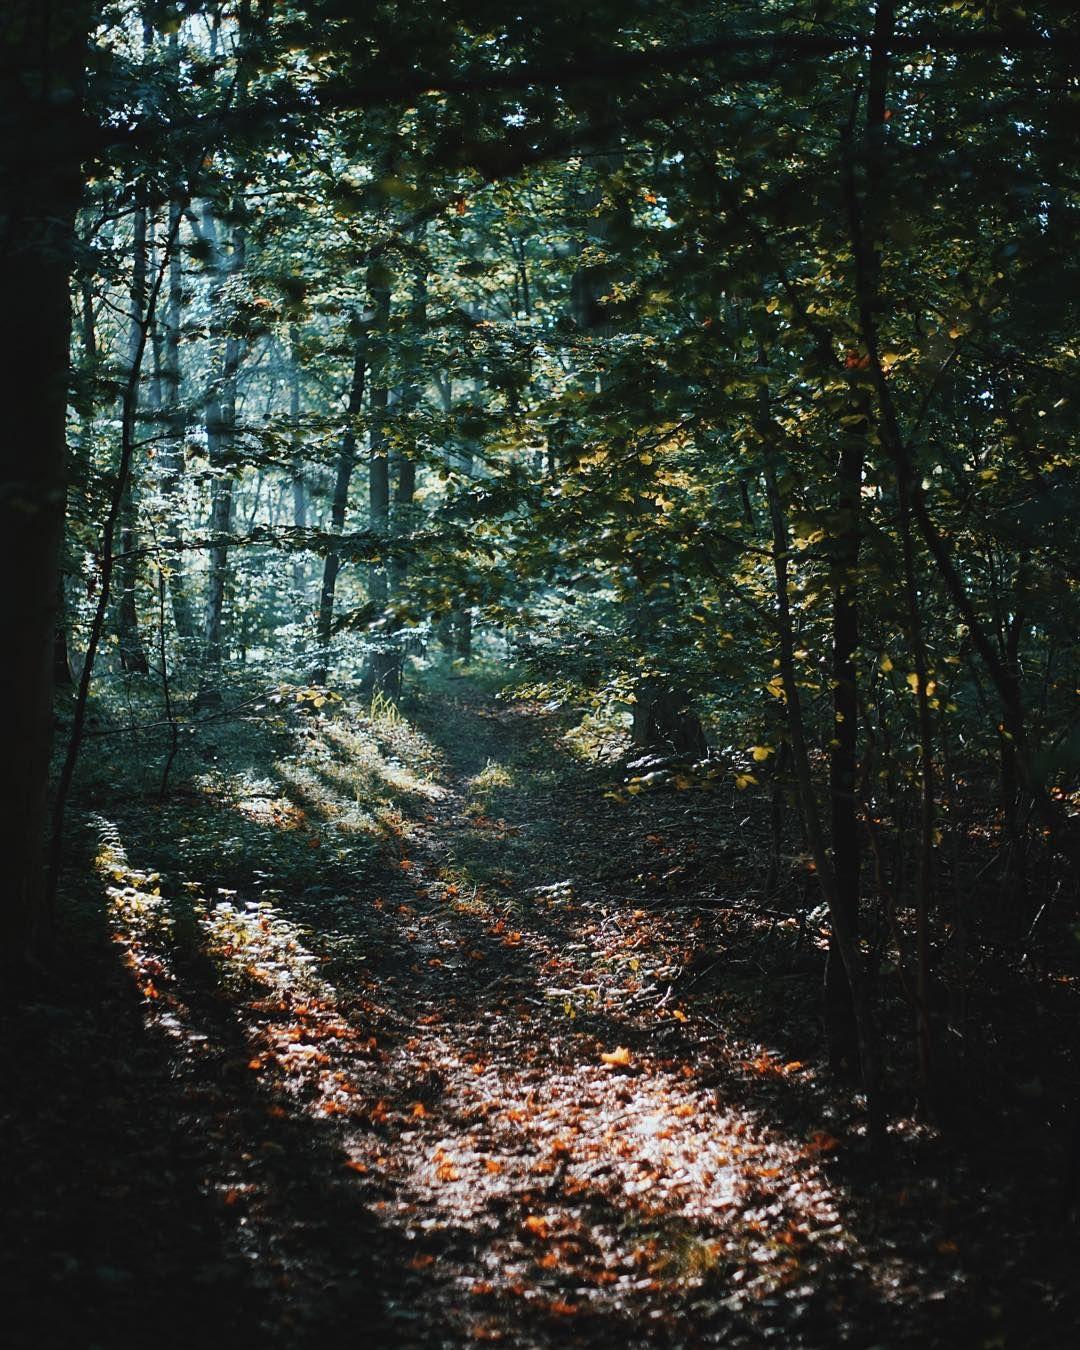 En lille udflugt til skoven, hvor en #allinone vil være en perfekt som en lille opkvikkende snack. #karenvolf #efterårsferie #skovtur